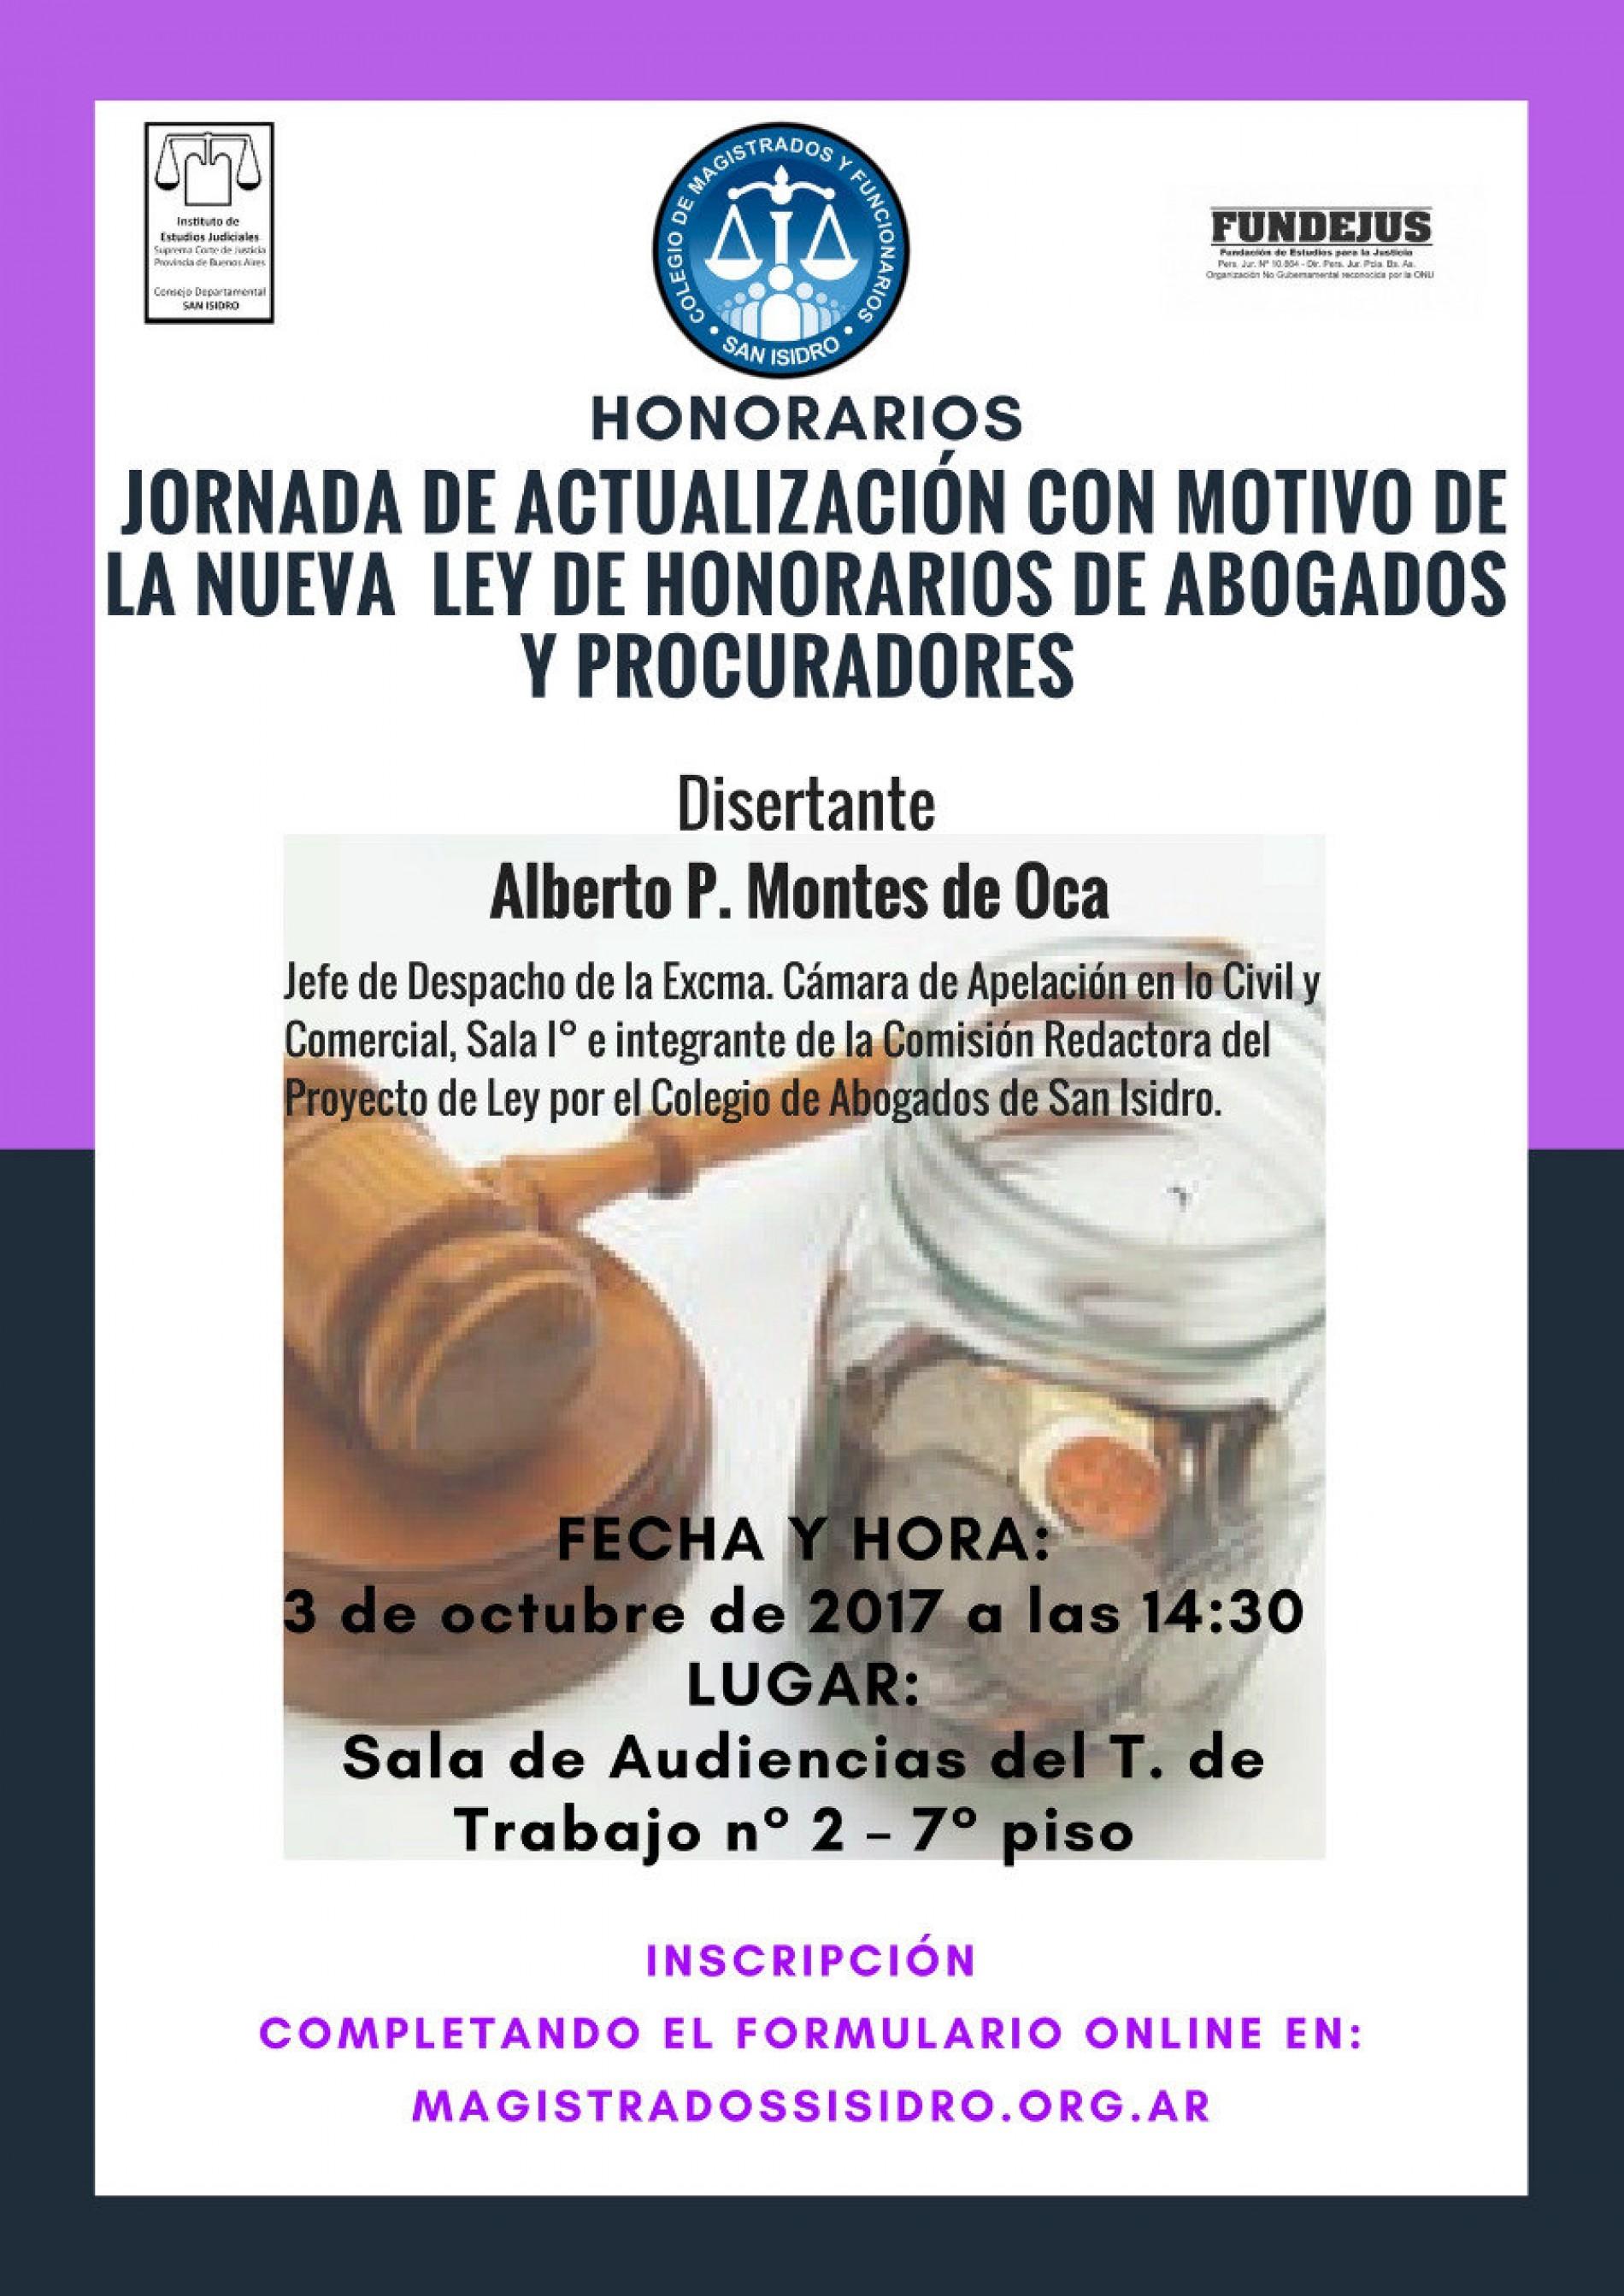 «Jornada de actualización con motivo de la nueva ley de honorarios de abogados y procuradores»